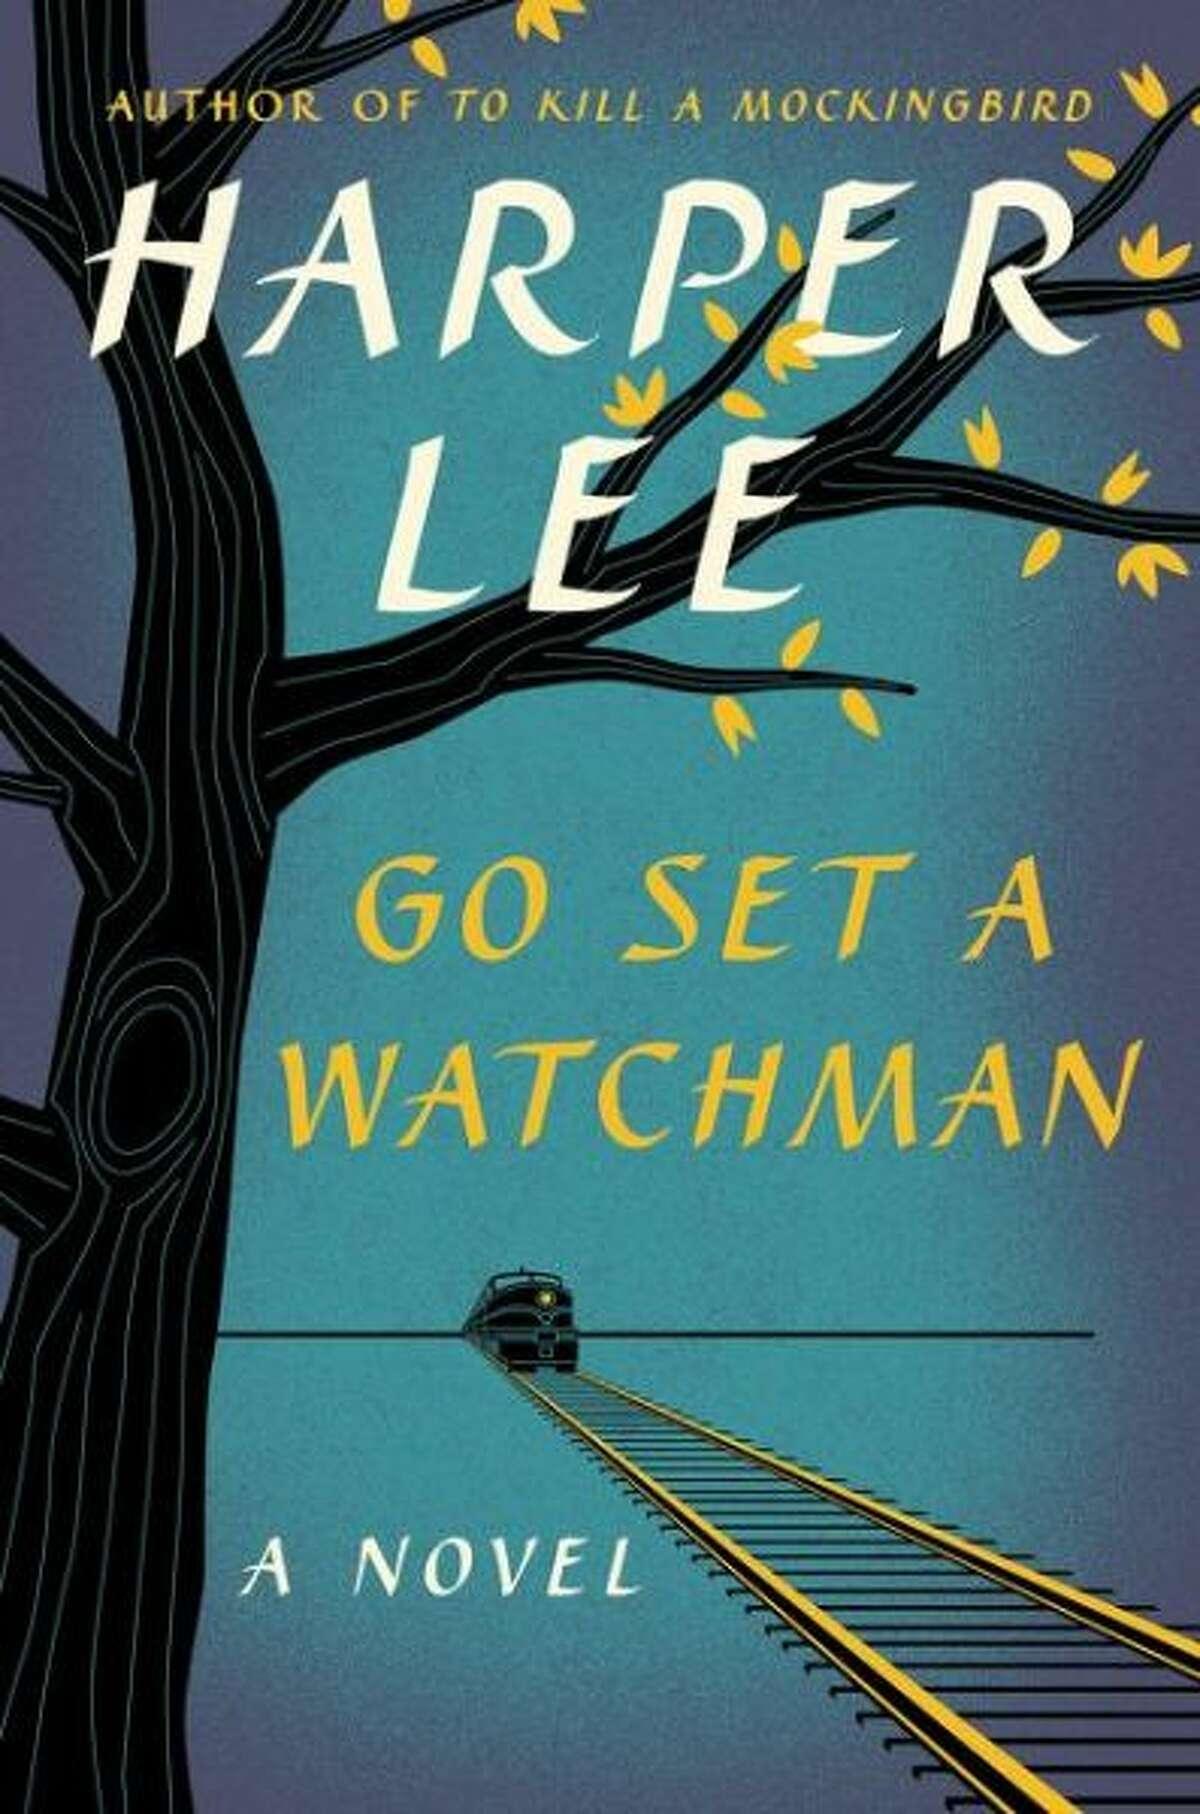 3) Go Set a Watchman by Harper Lee